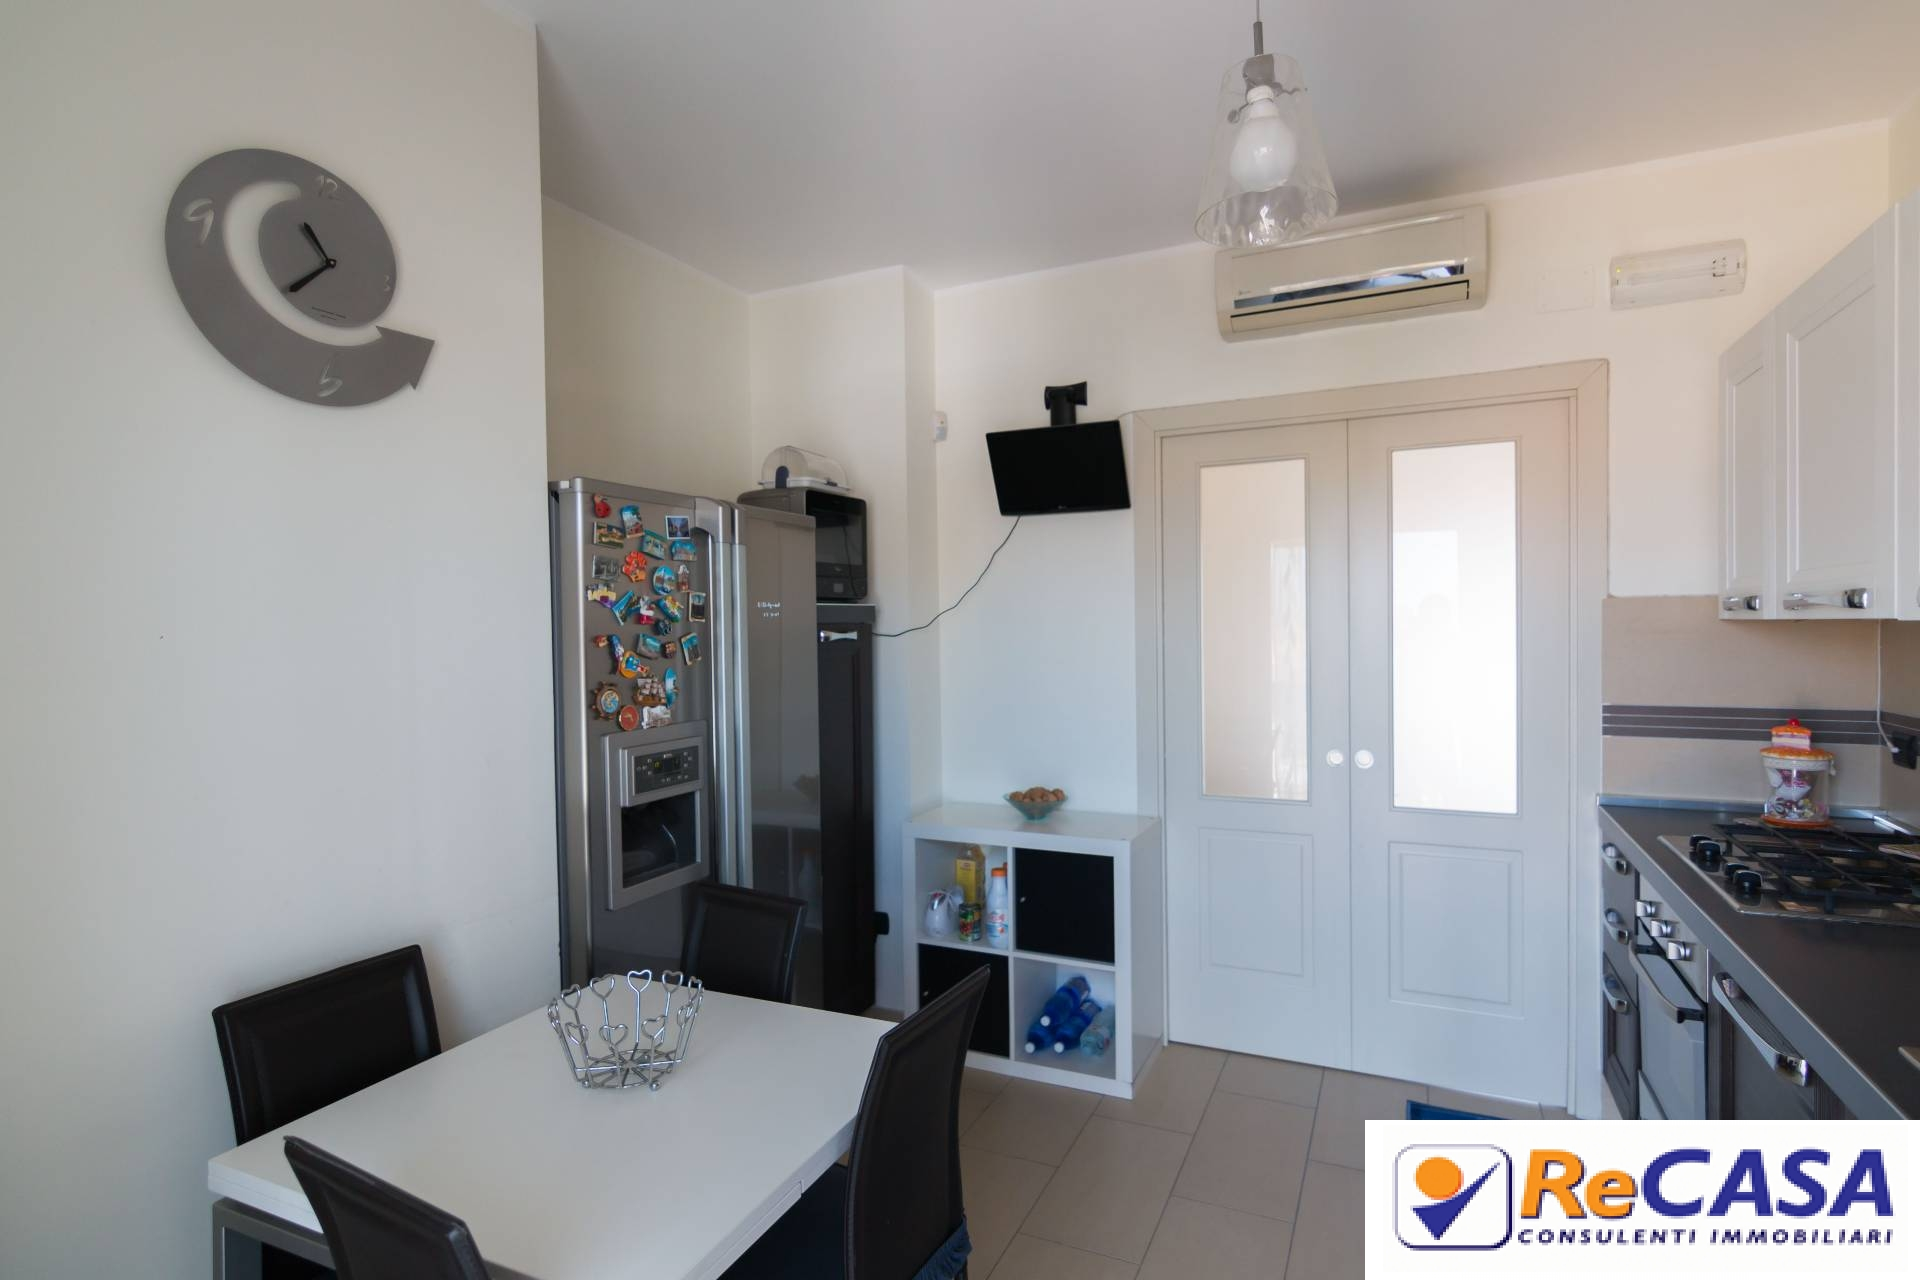 Appartamento in vendita a Battipaglia, 4 locali, zona Località: belvedere, prezzo € 210.000 | Cambio Casa.it